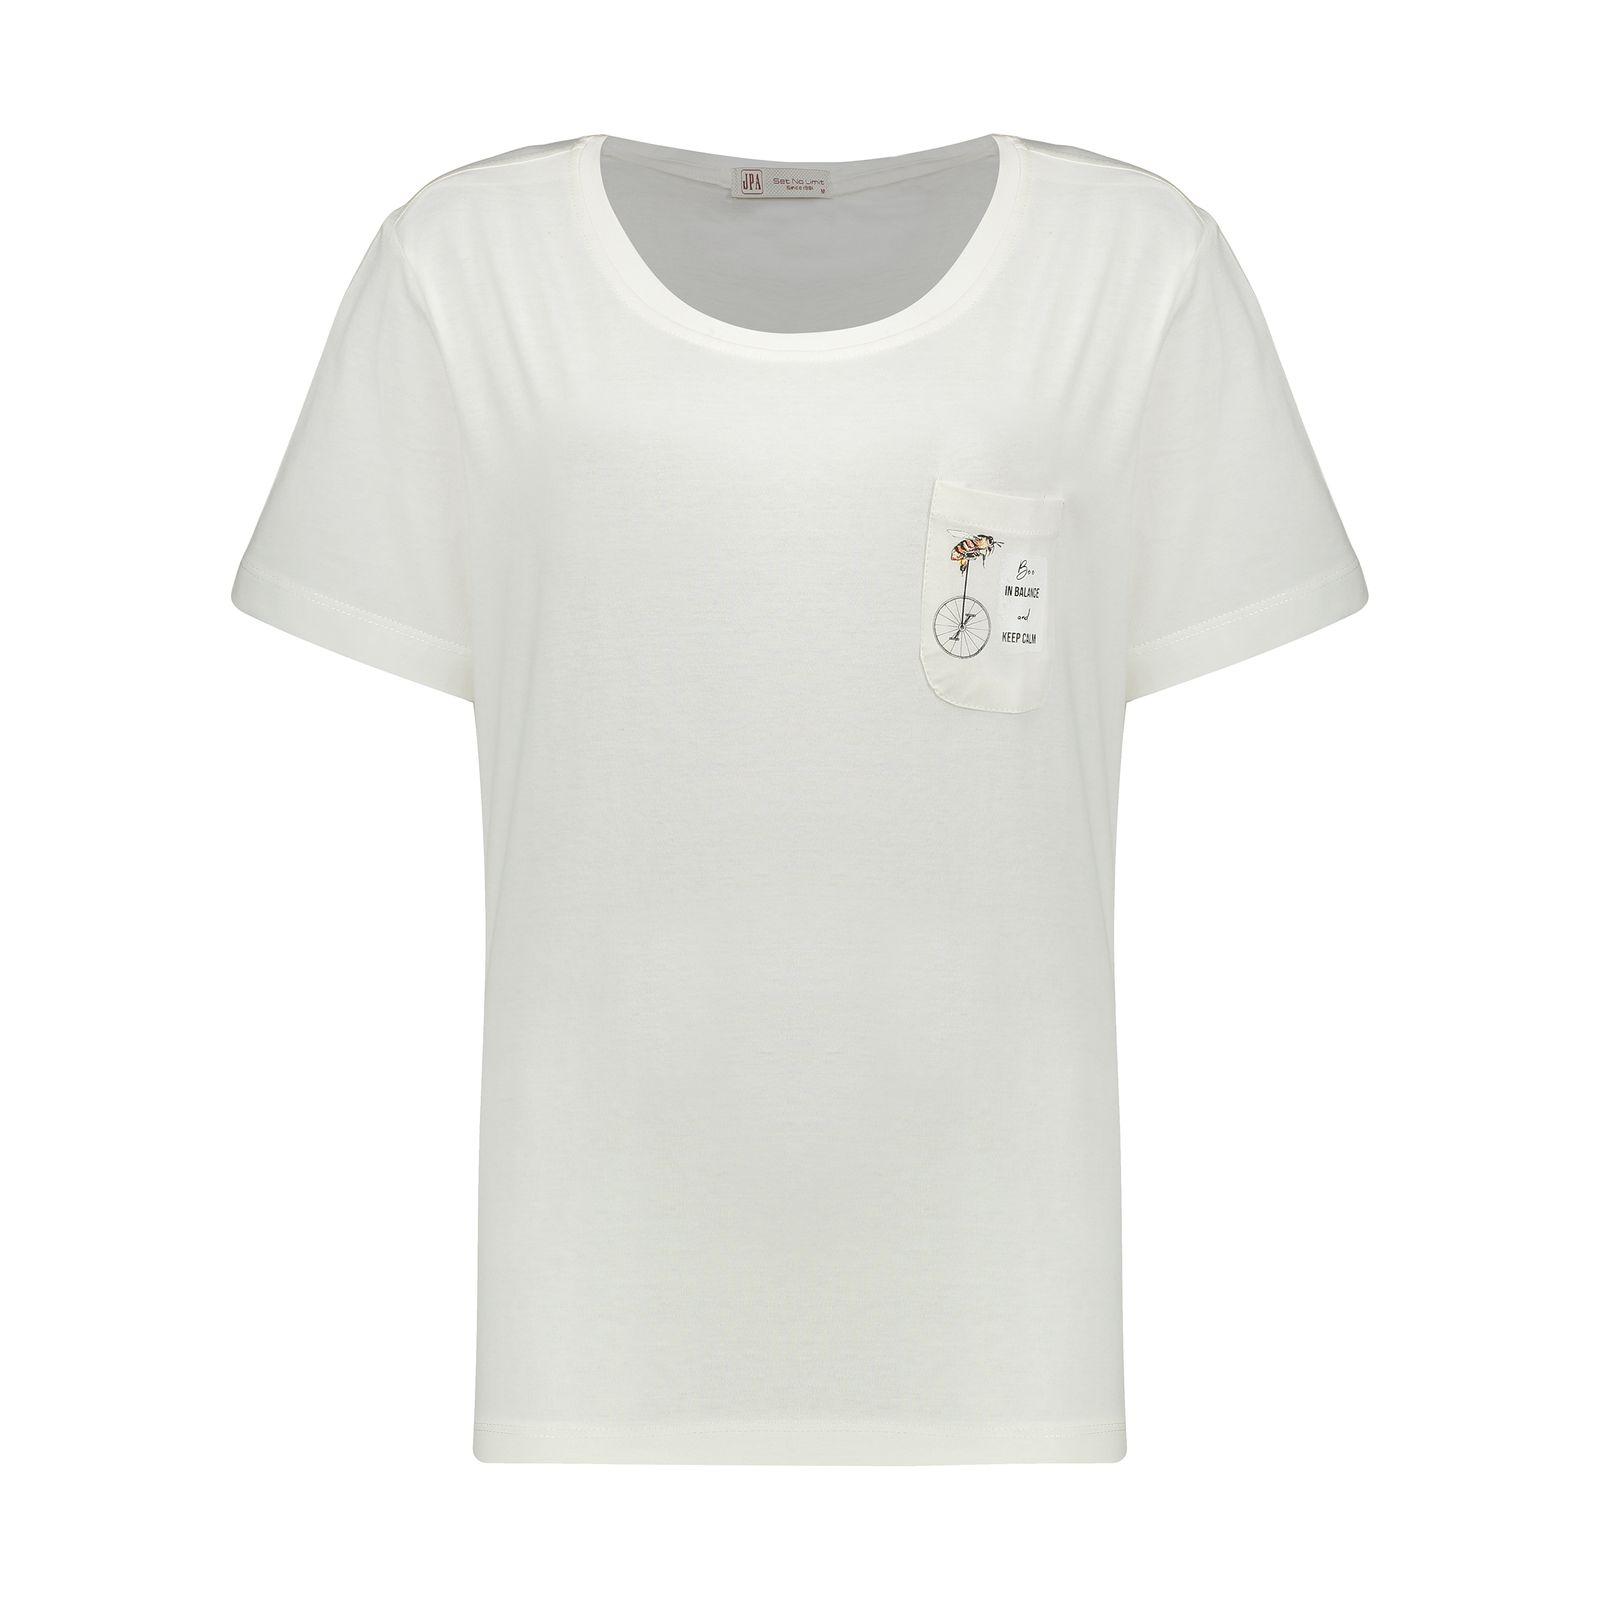 تی شرت زنانه جامه پوش آرا مدل 4012019475-05 -  - 2